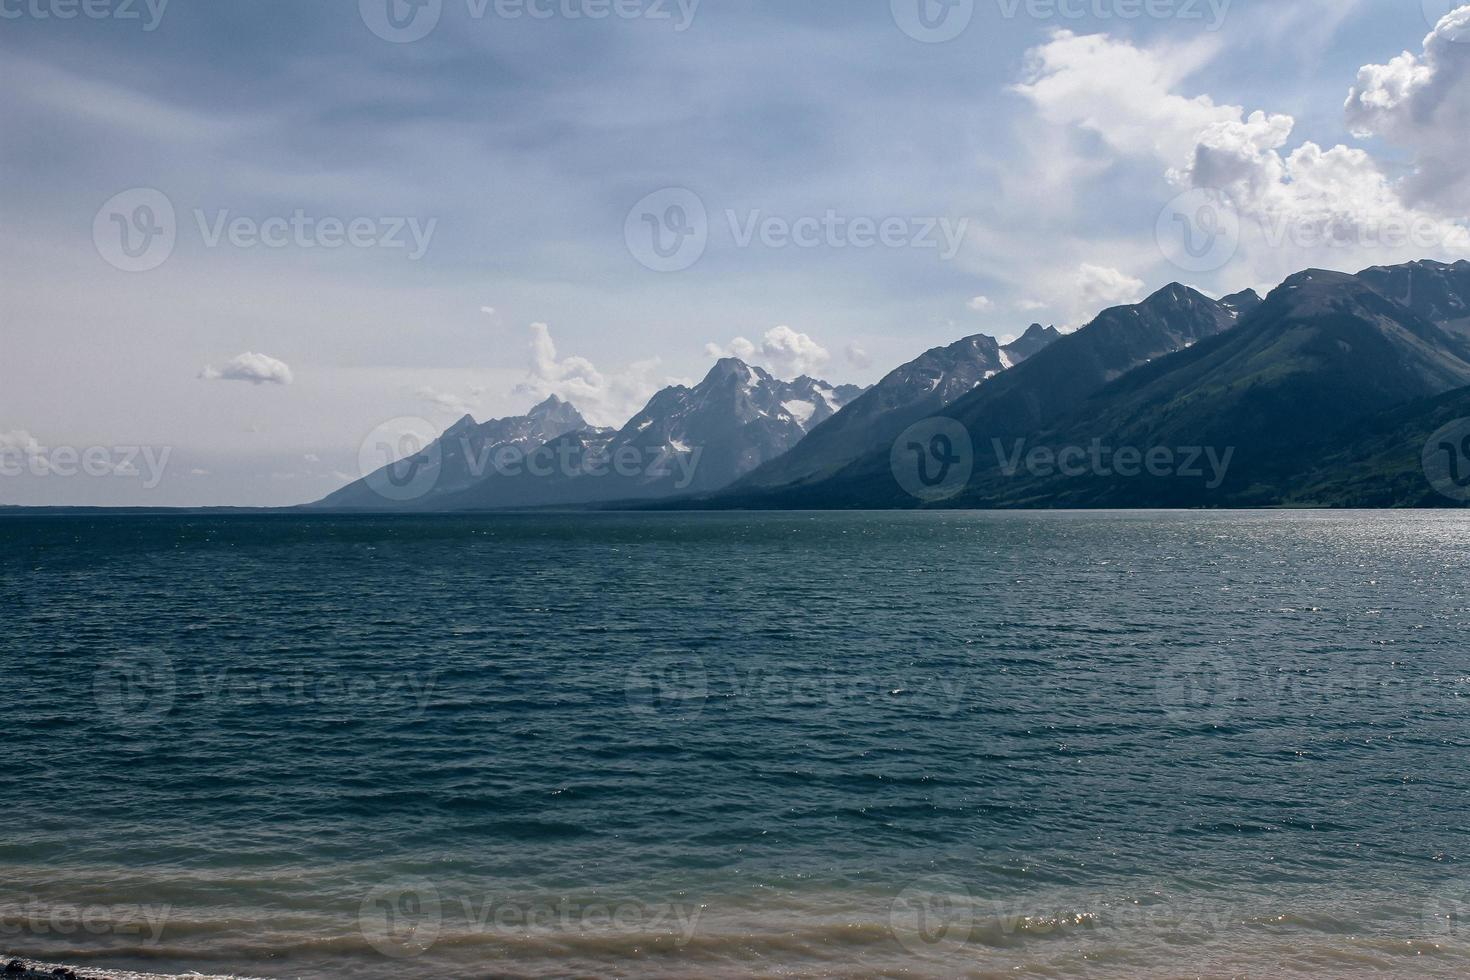 montagne glaciali in lontananza grande base blu cristallina del lago nuvoloso foto